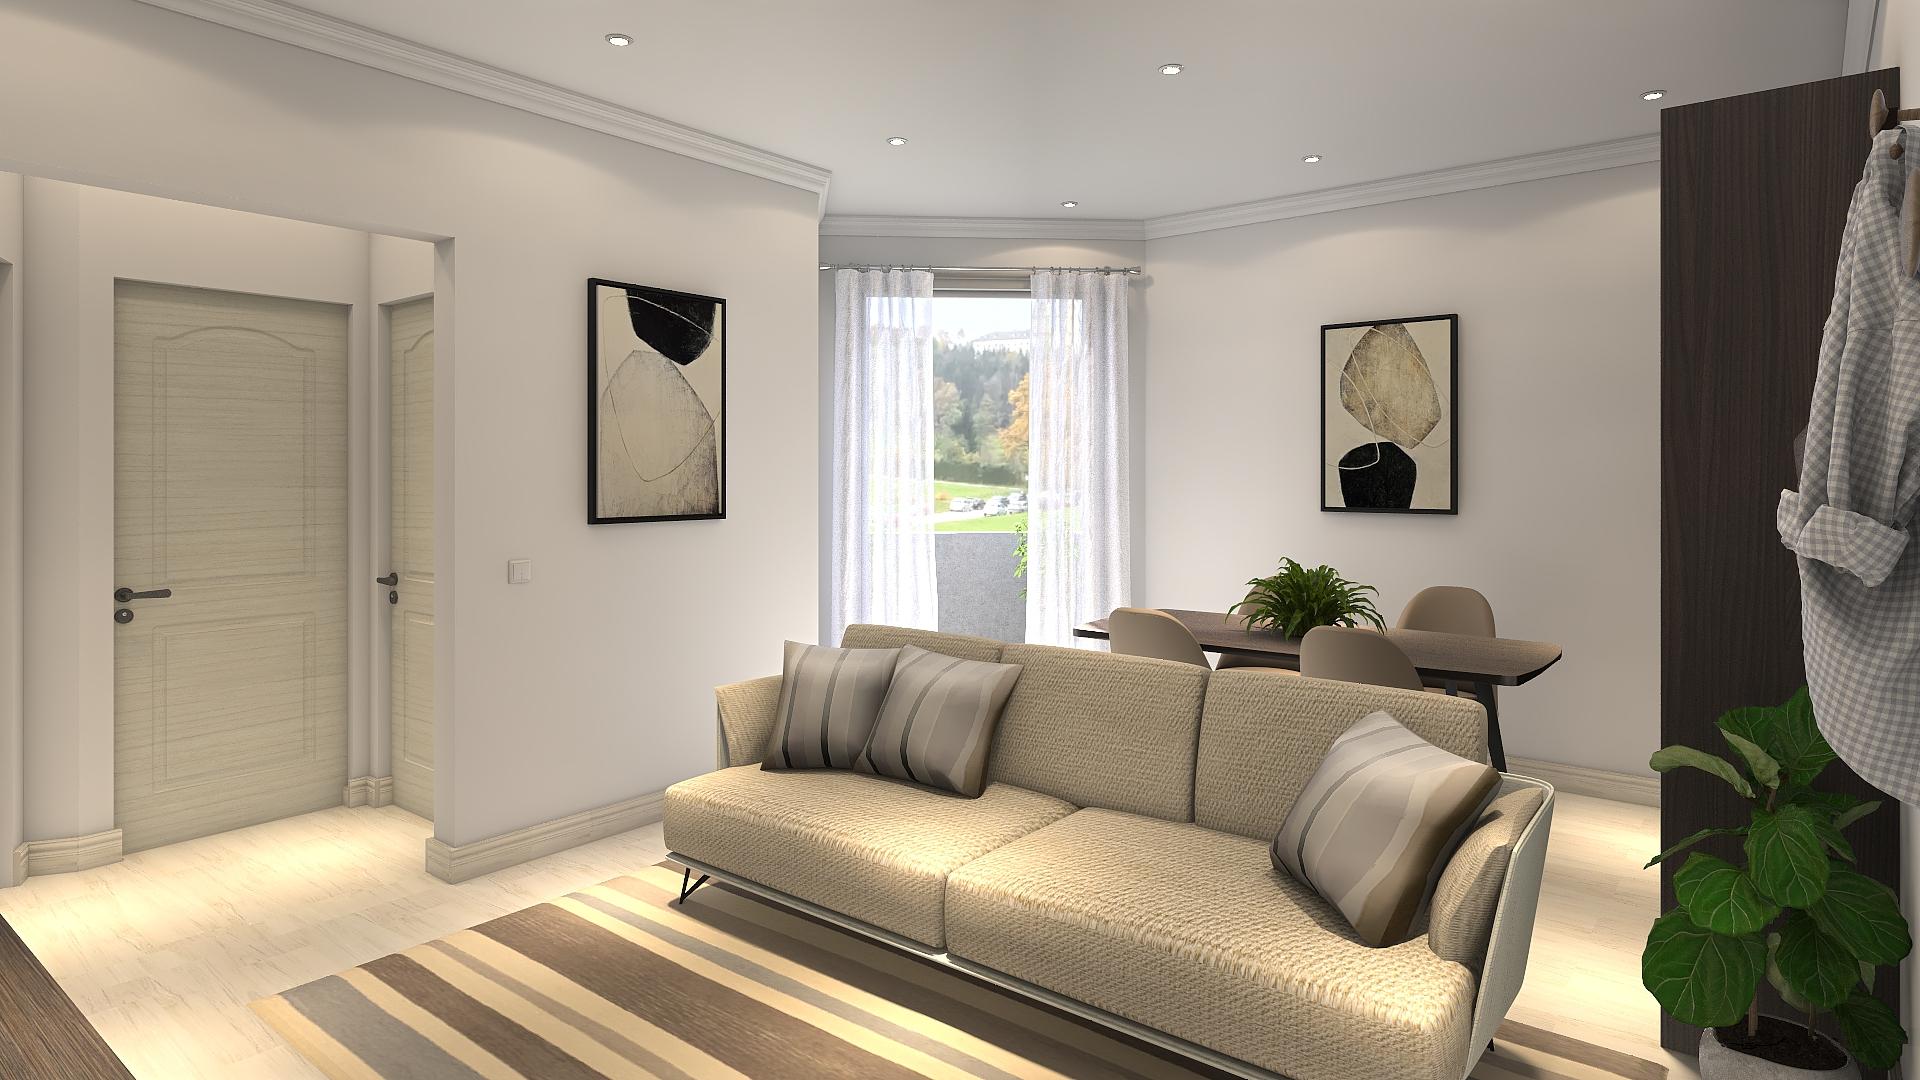 Ristrutturare case con pareti oblique, rendendo gli ambienti complicati funzionali.